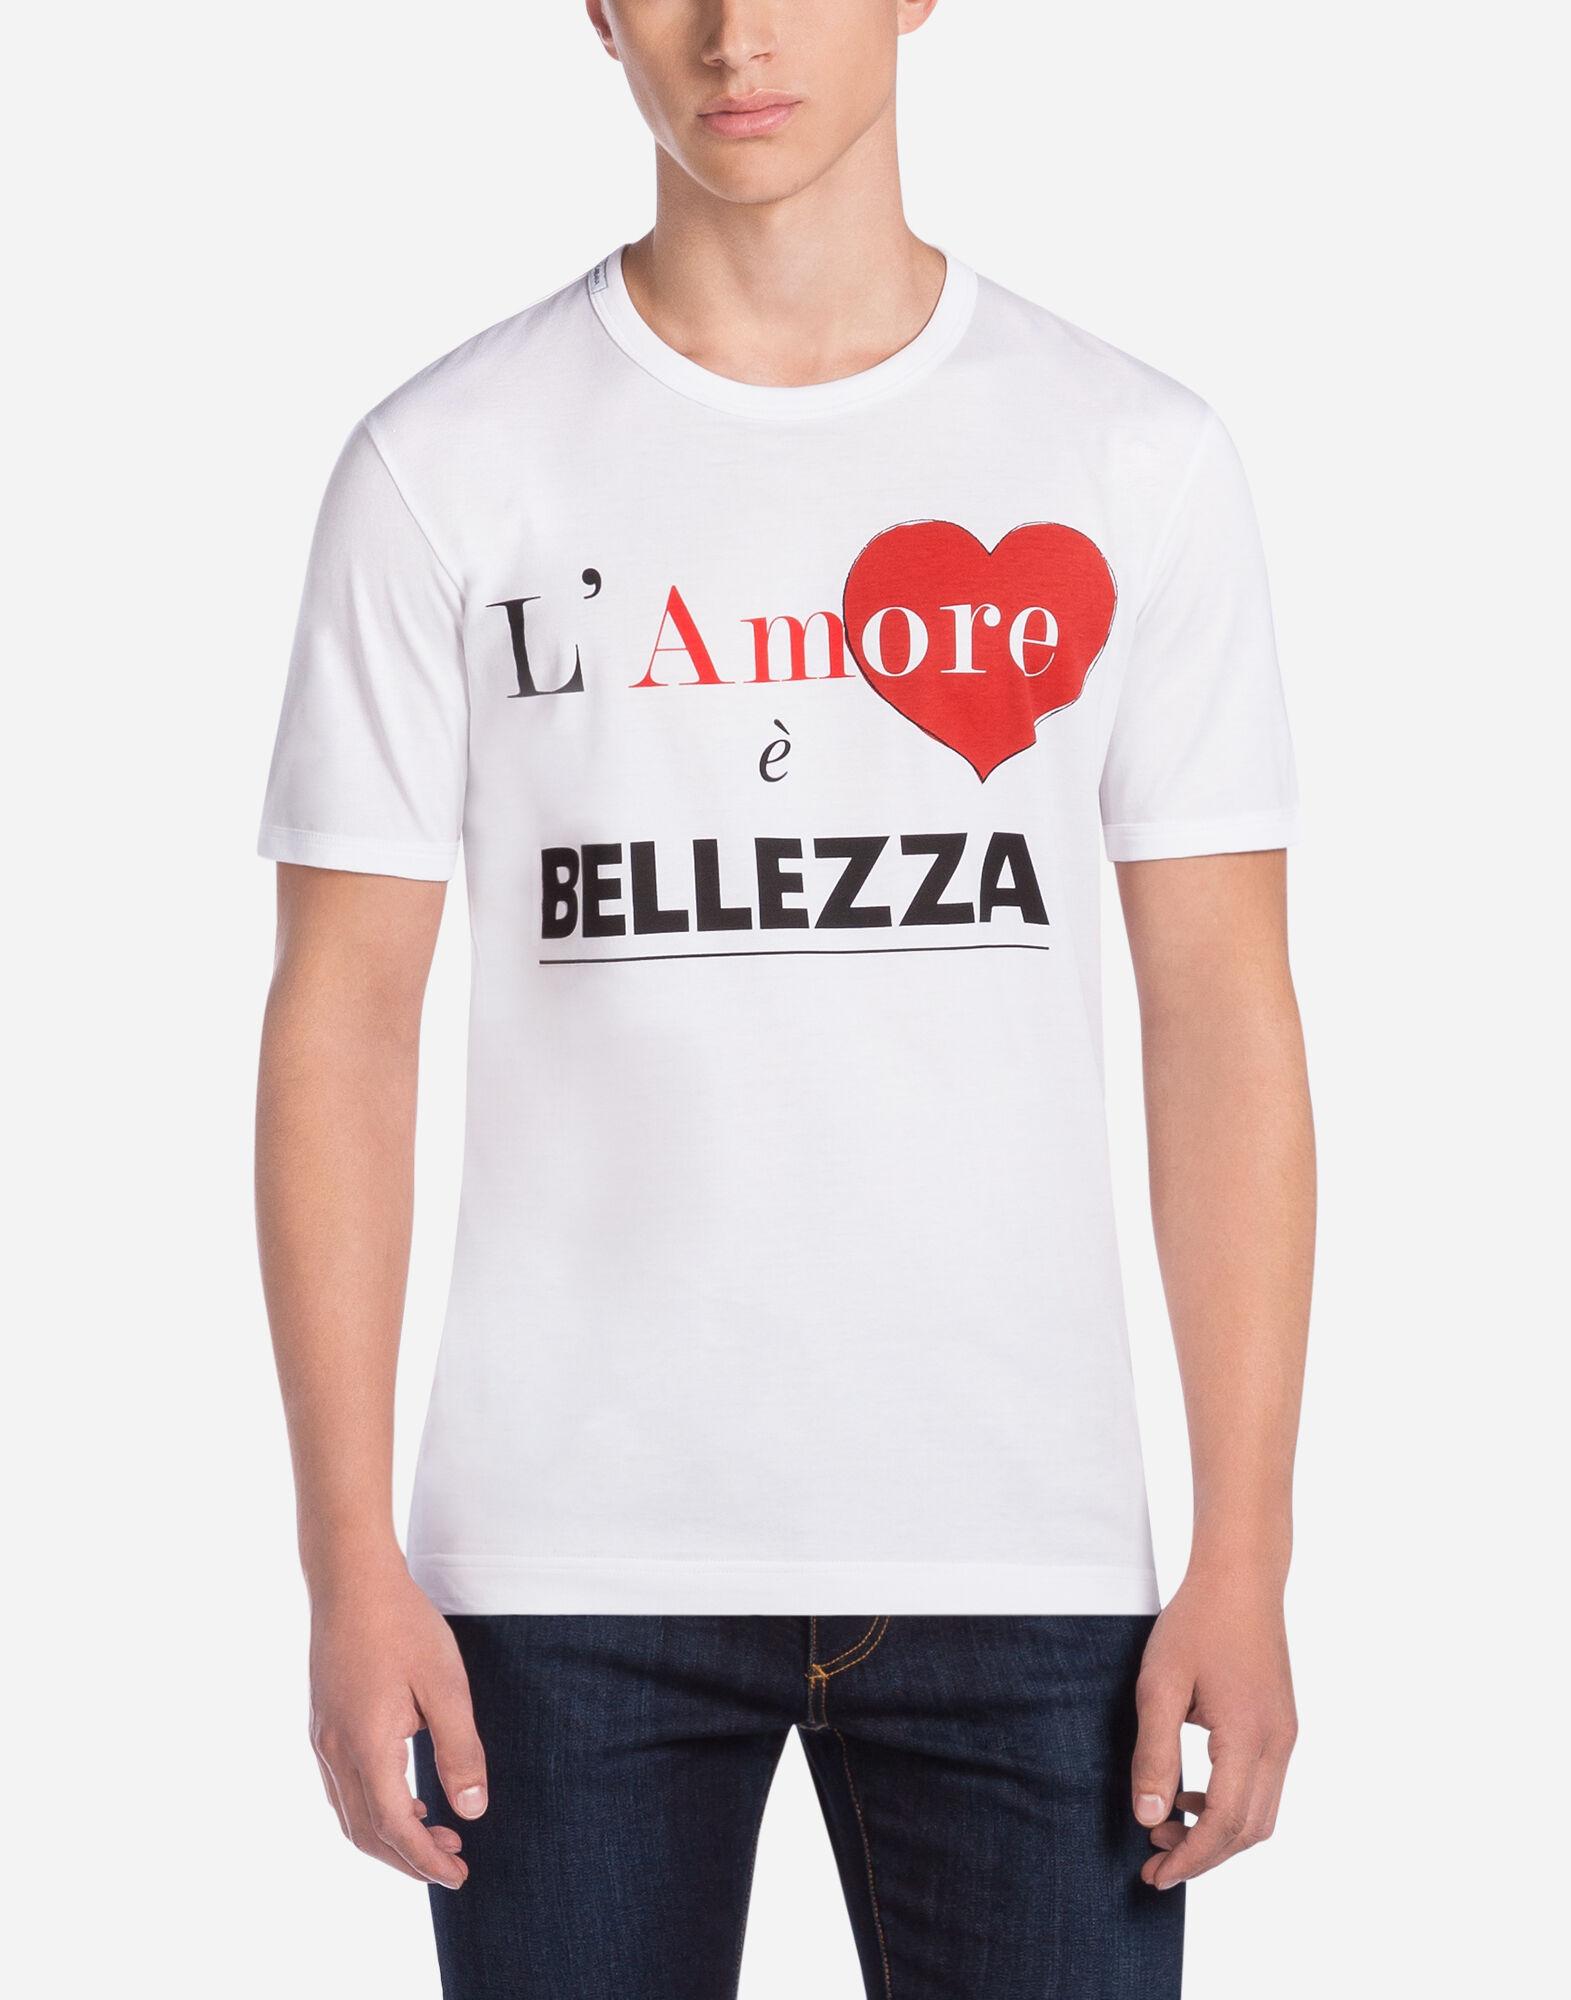 Dolce & Gabbana T-SHIRT JERSEY DE COTON IMPRIMé